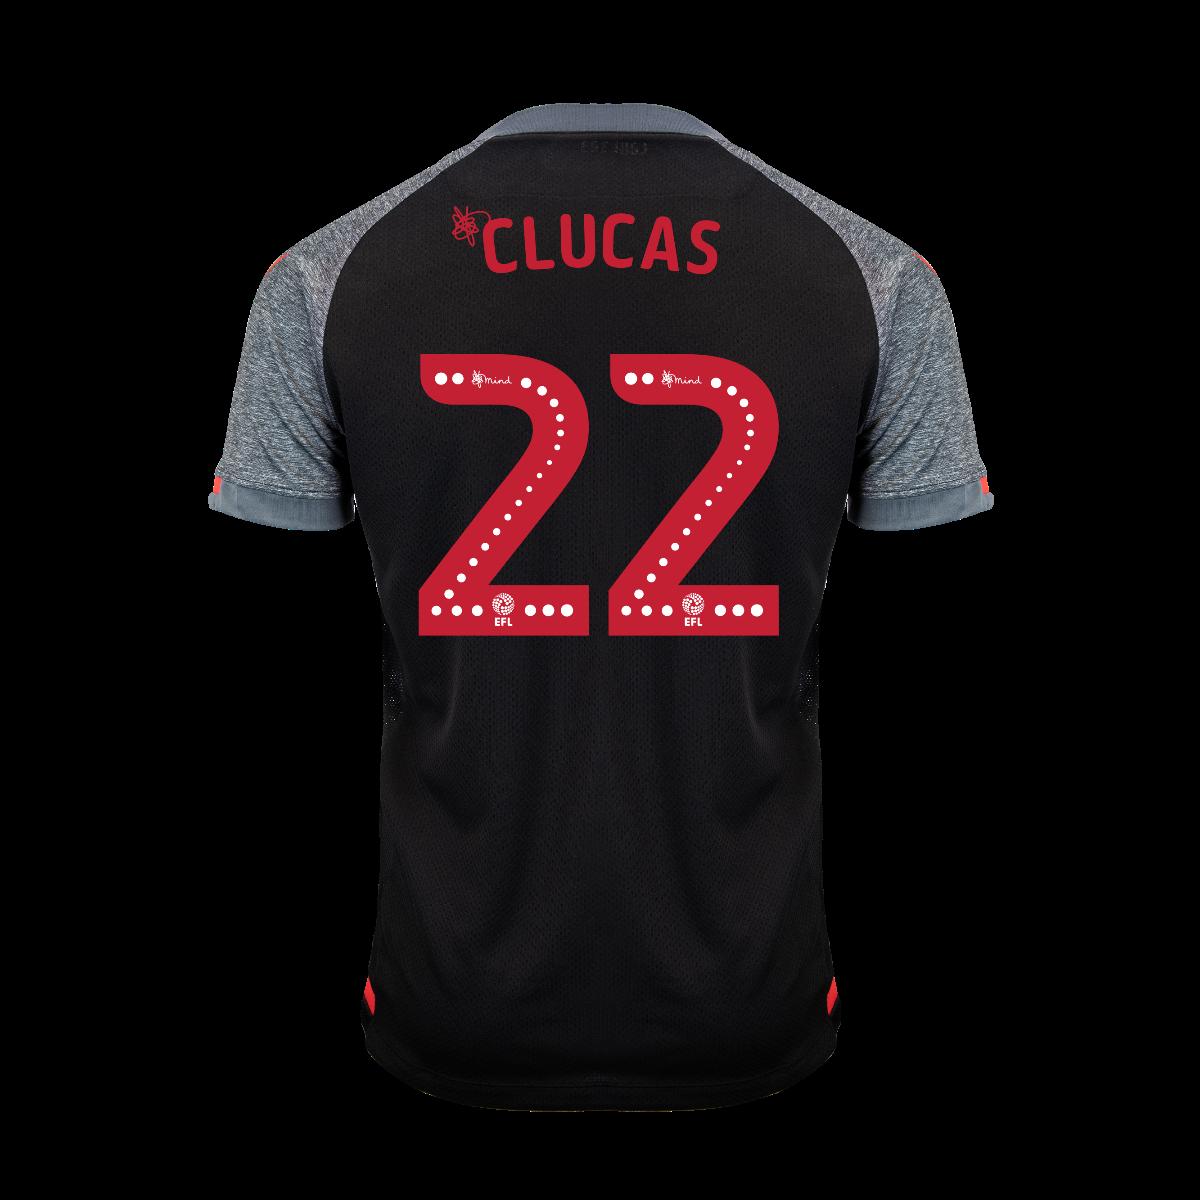 2019/20 Adult Away SS Shirt - Clucas